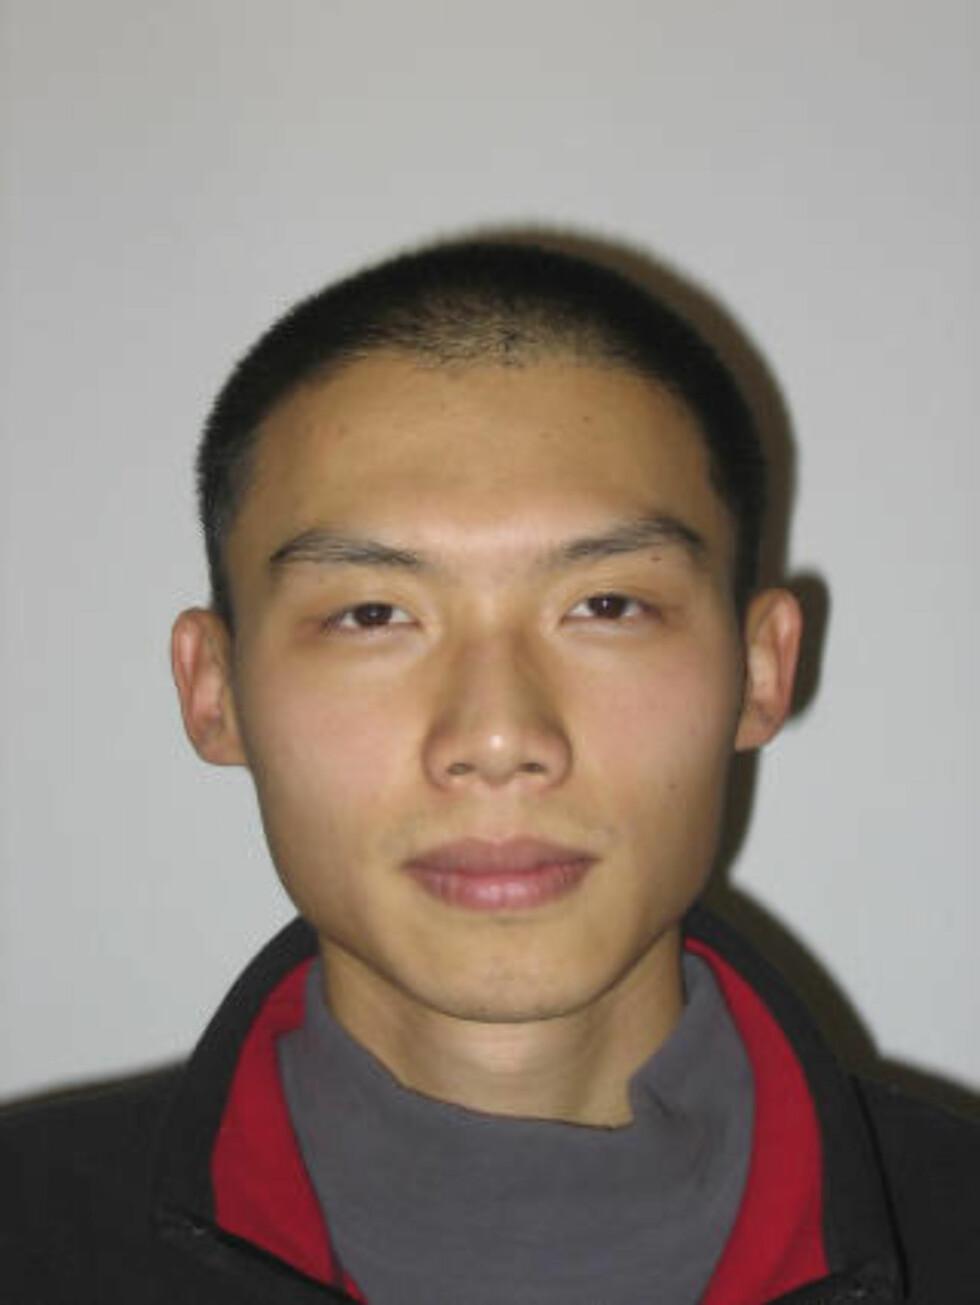 HAR TILSTÅTT: Zhao Fei (30), Pernille Thronsens ekskjæreste. Foto: Ungarsk politi / HO / Scanpix